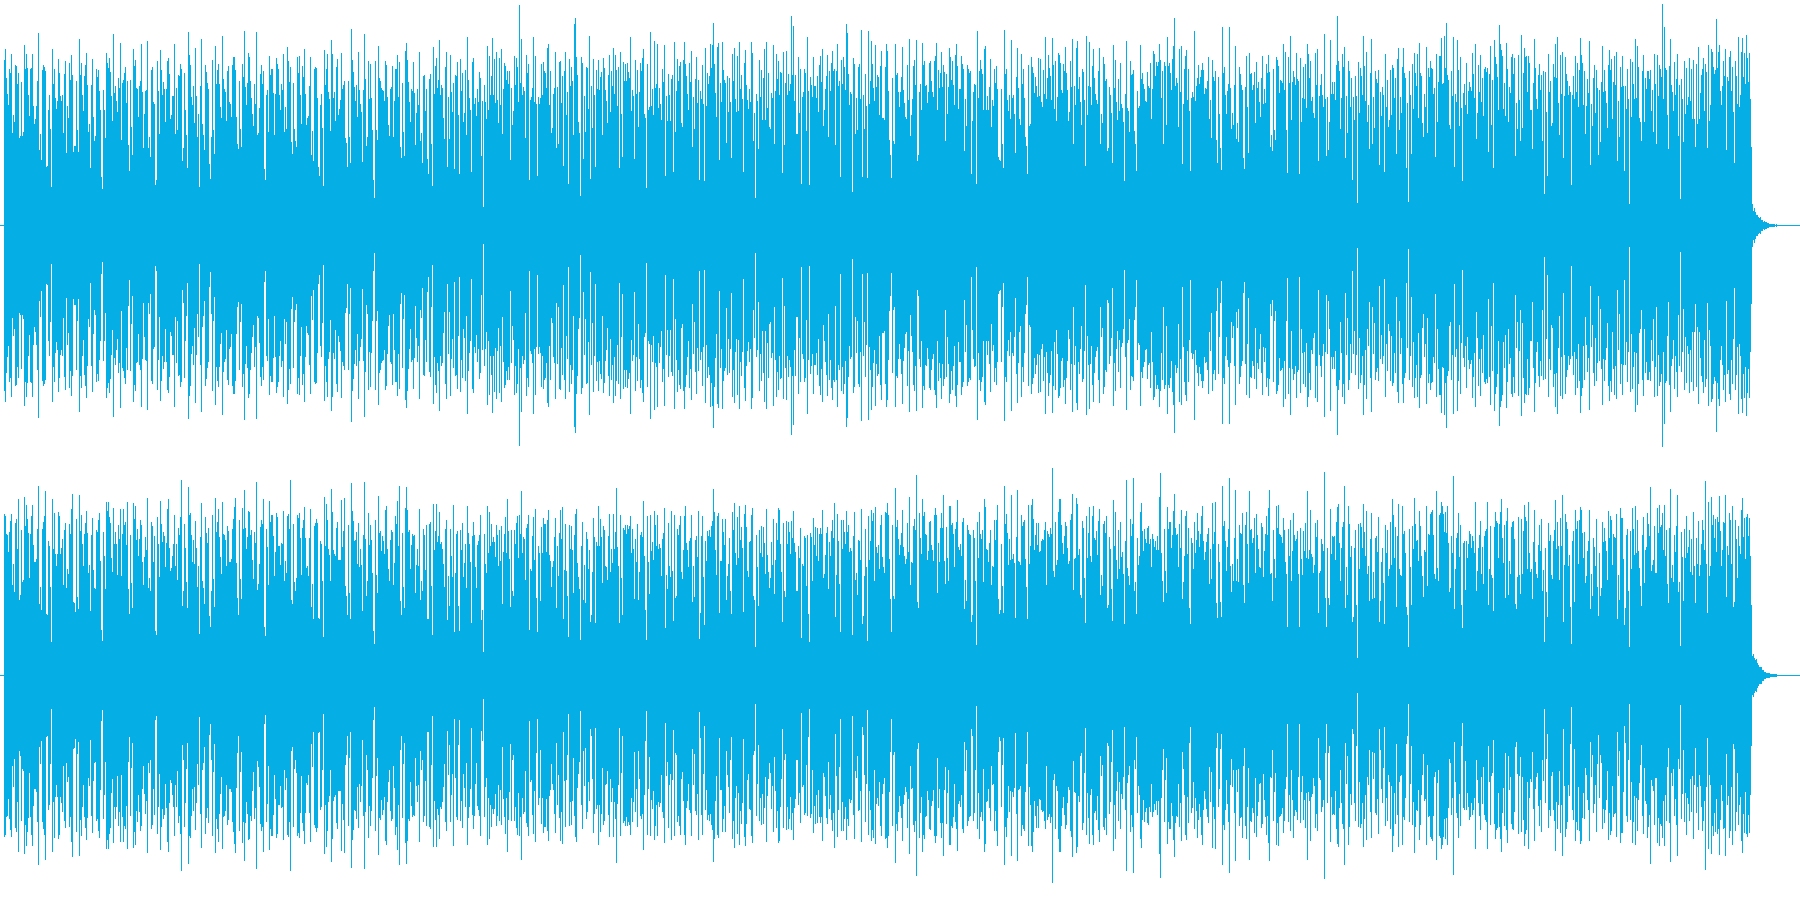 不思議で緩やかなトランペットポップスの再生済みの波形